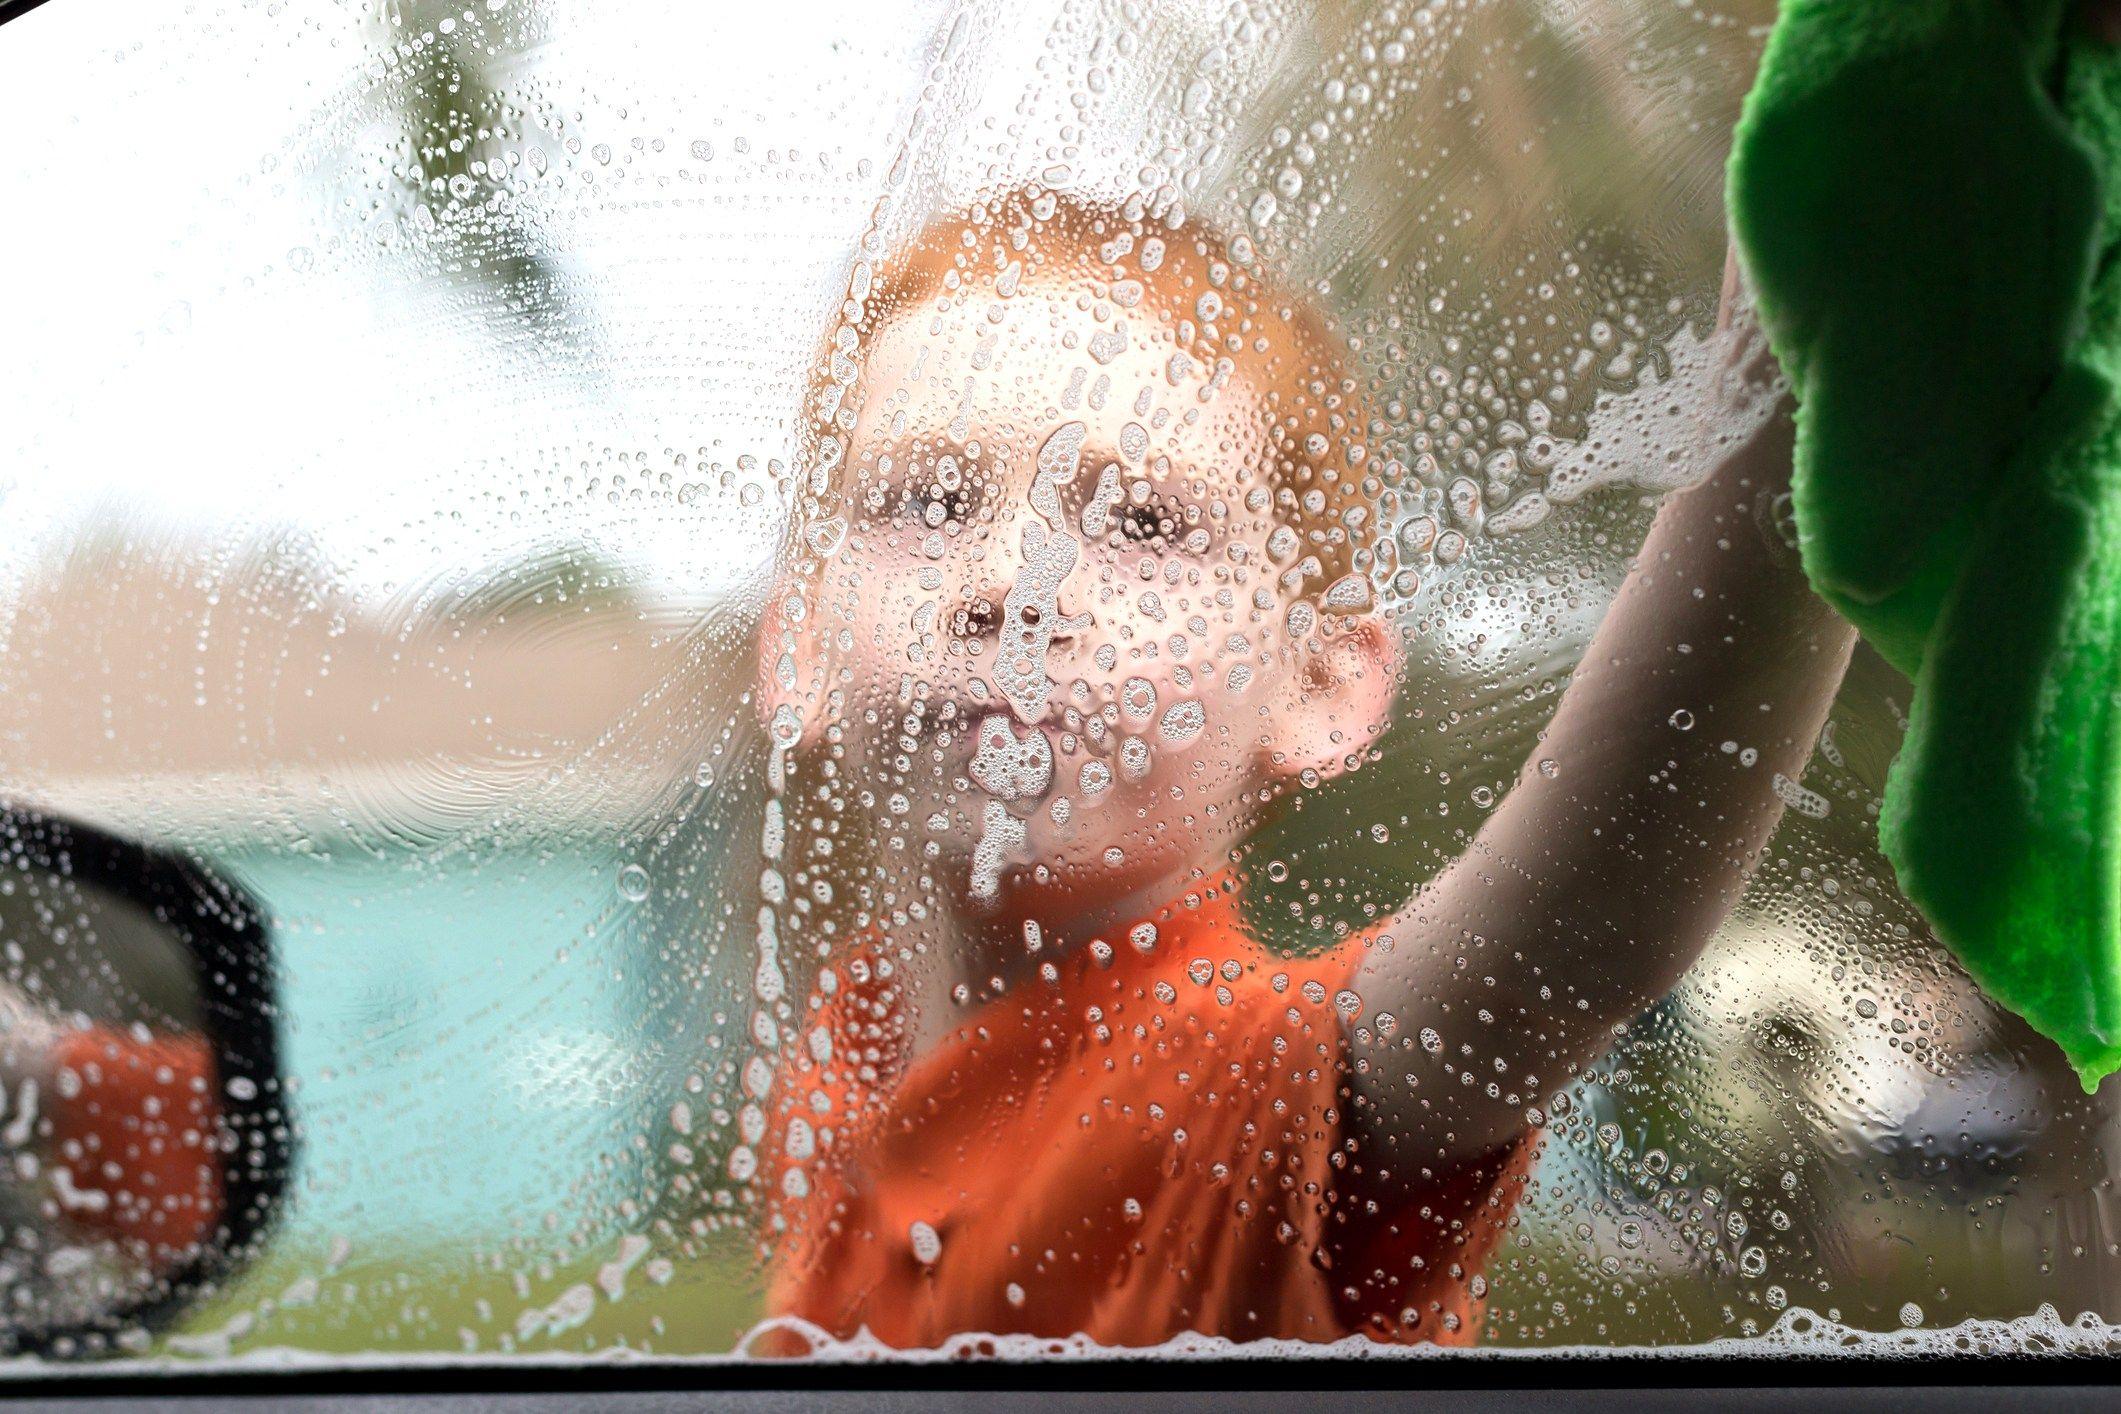 little boy washing a car window